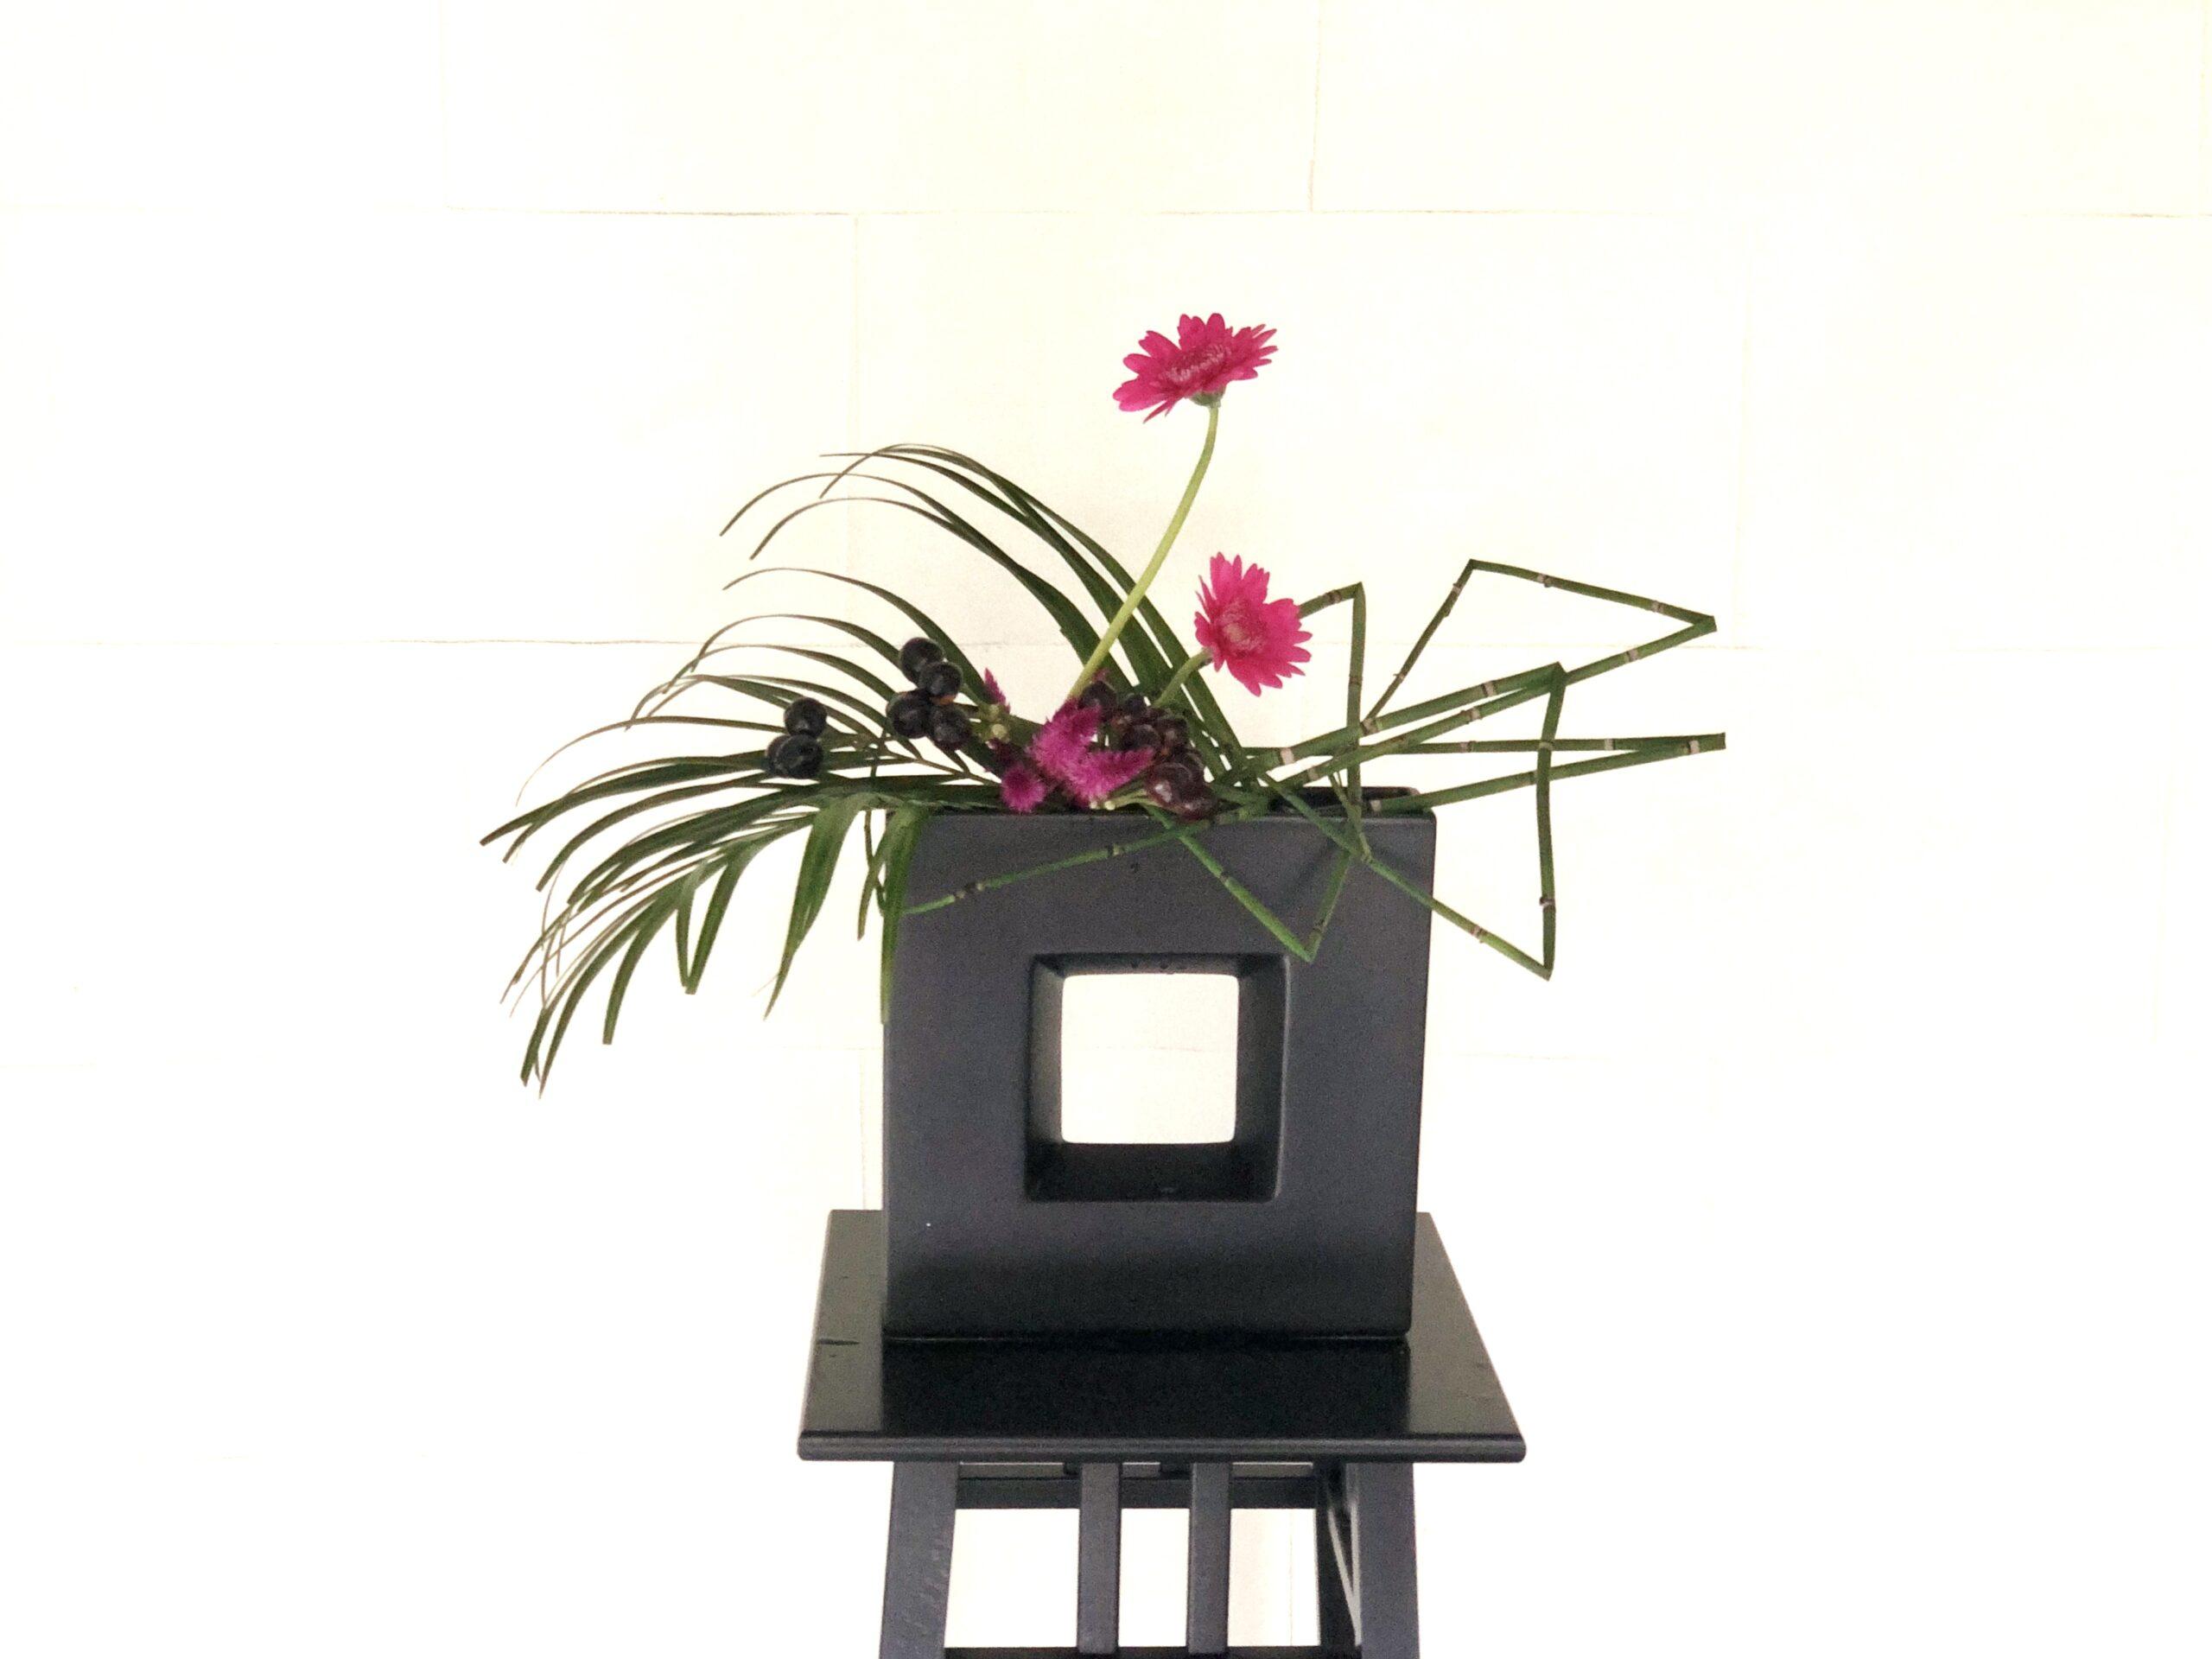 ガーベラを使った生け花 お花屋さんでの人気のお花の活け方